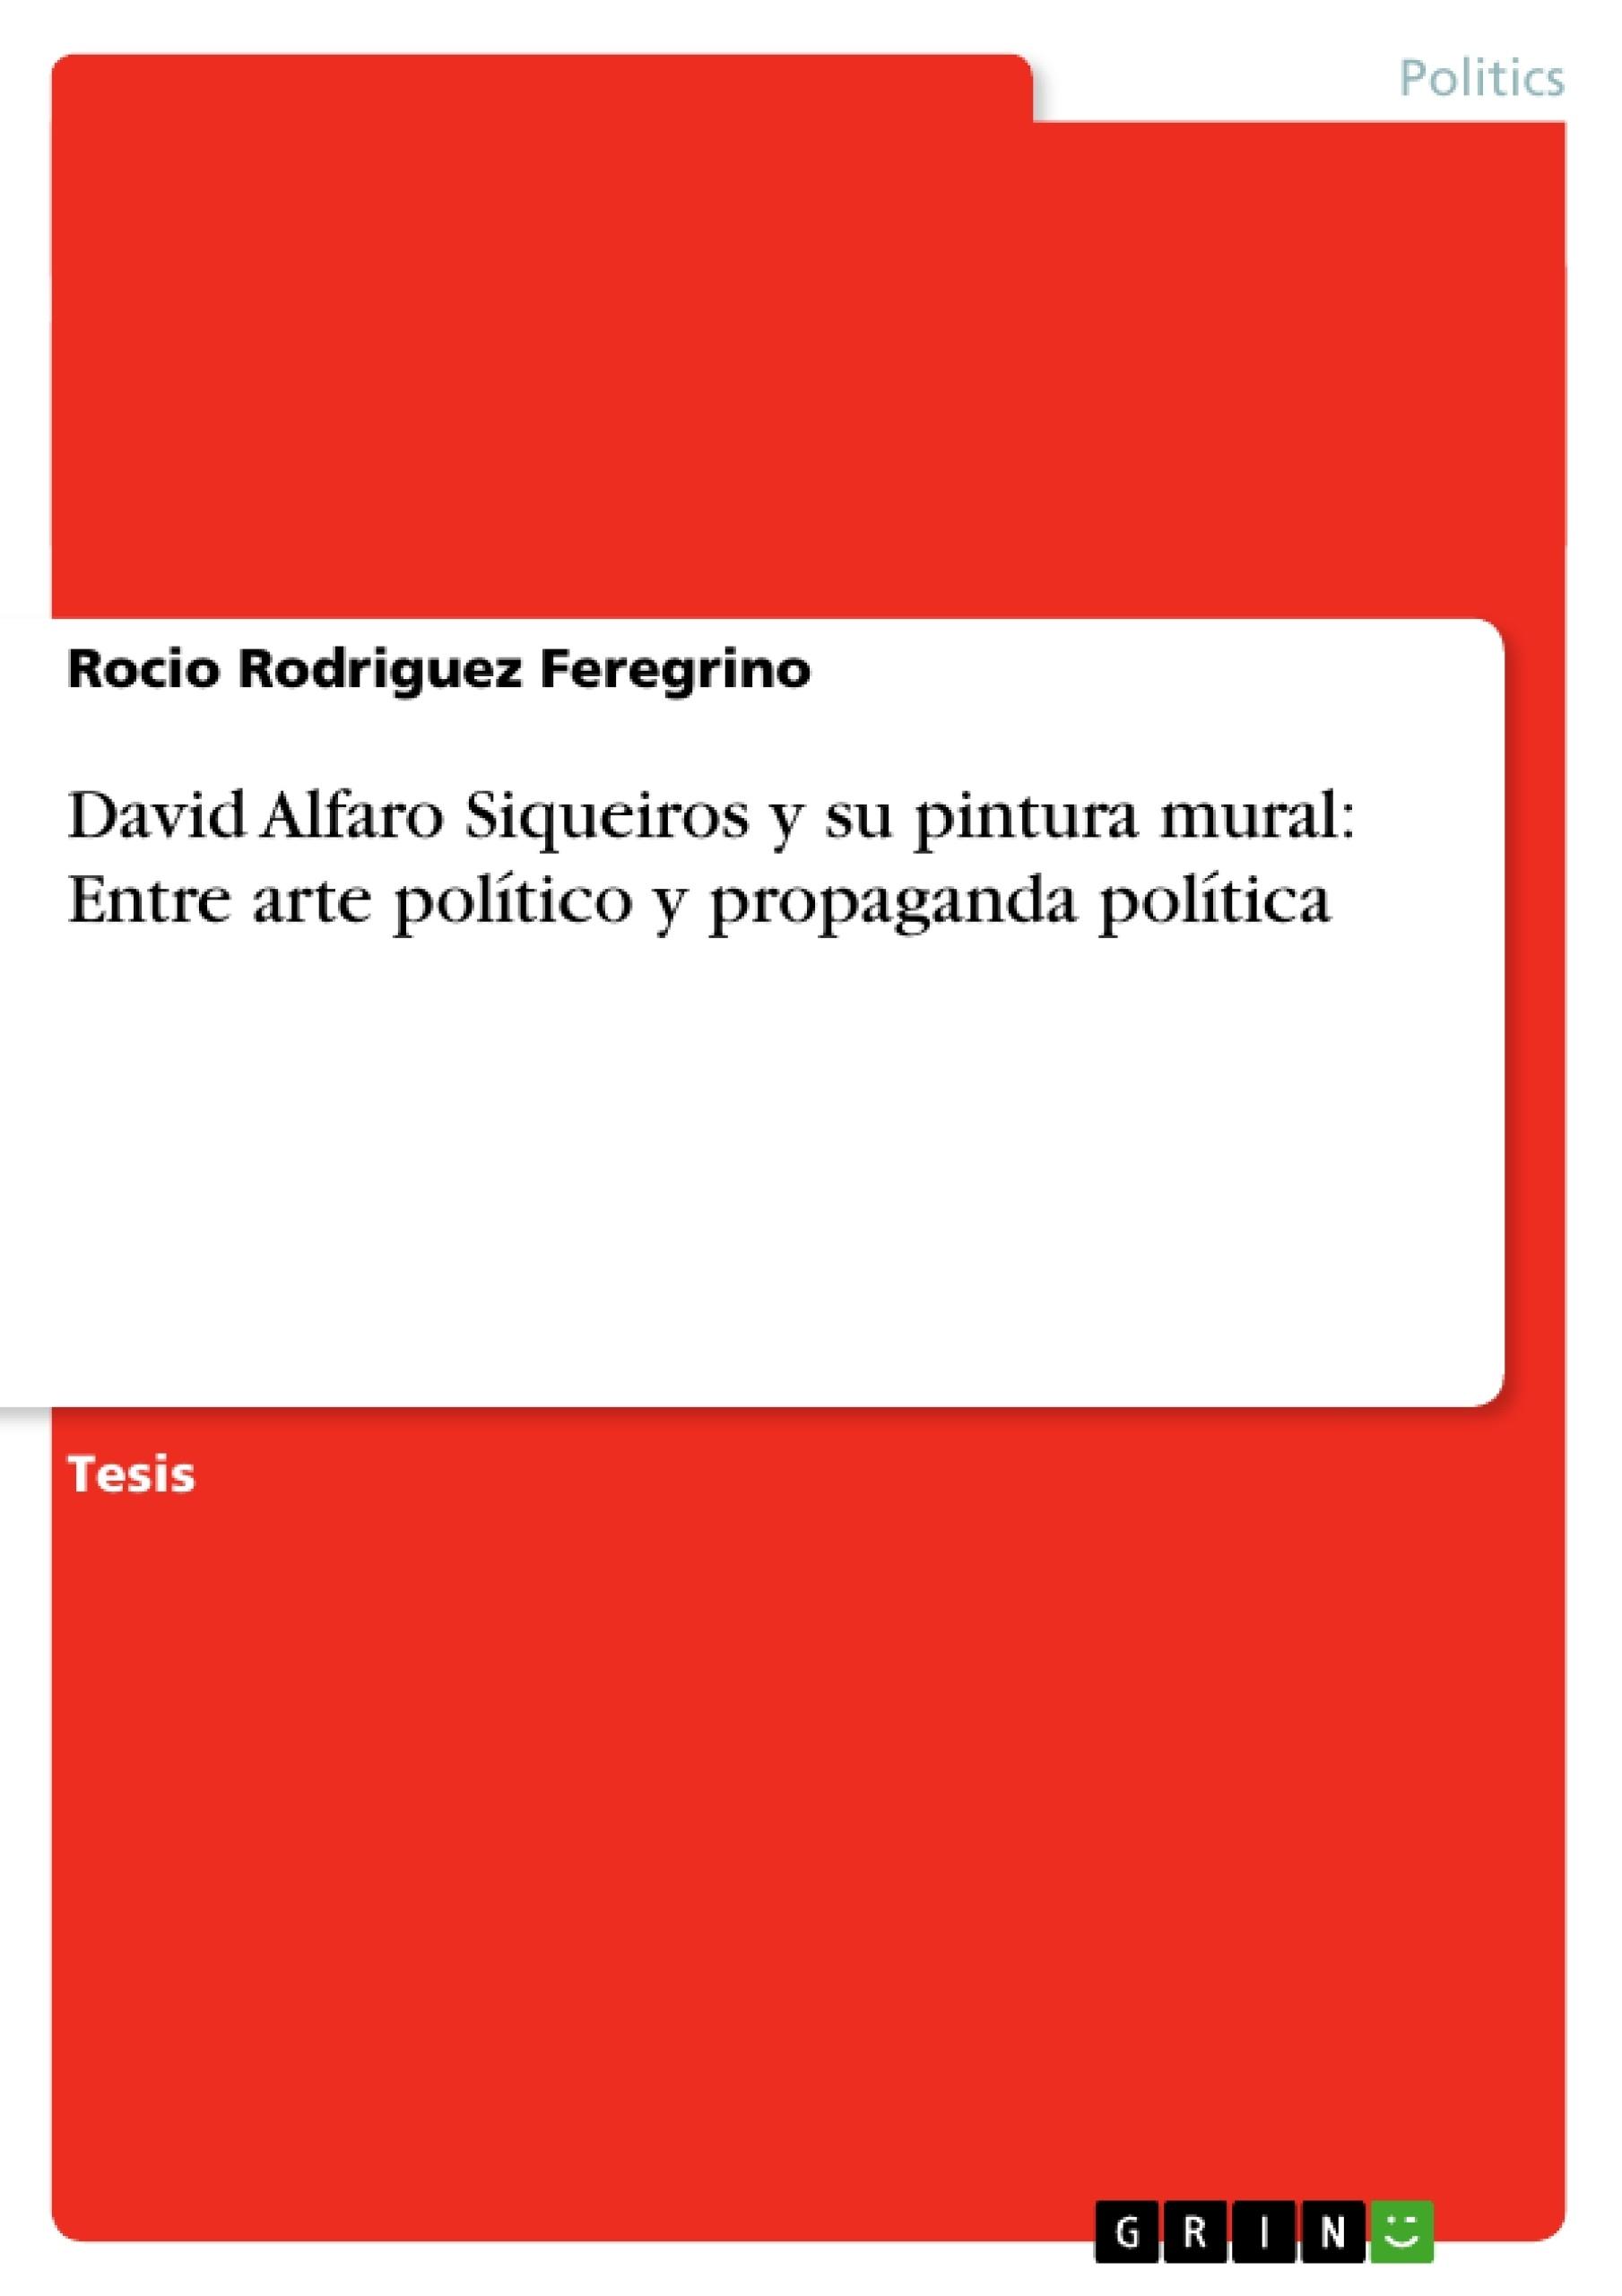 Título: David Alfaro Siqueiros y su pintura mural: Entre arte político y propaganda política